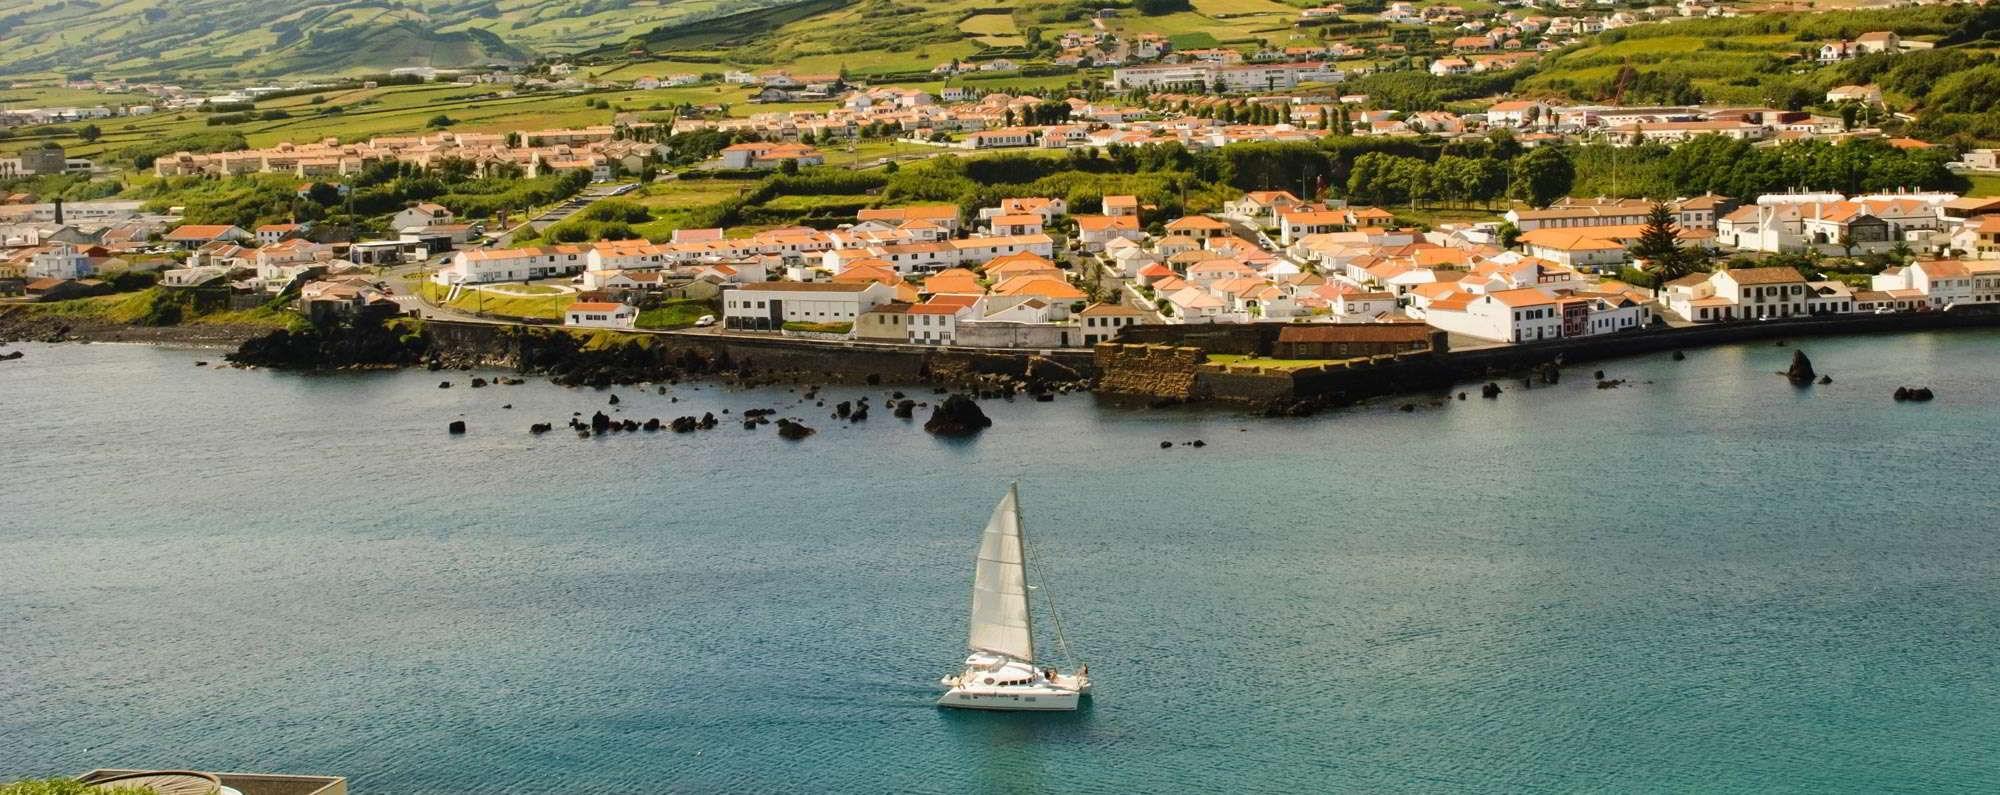 Alquiler de barcos en Azores